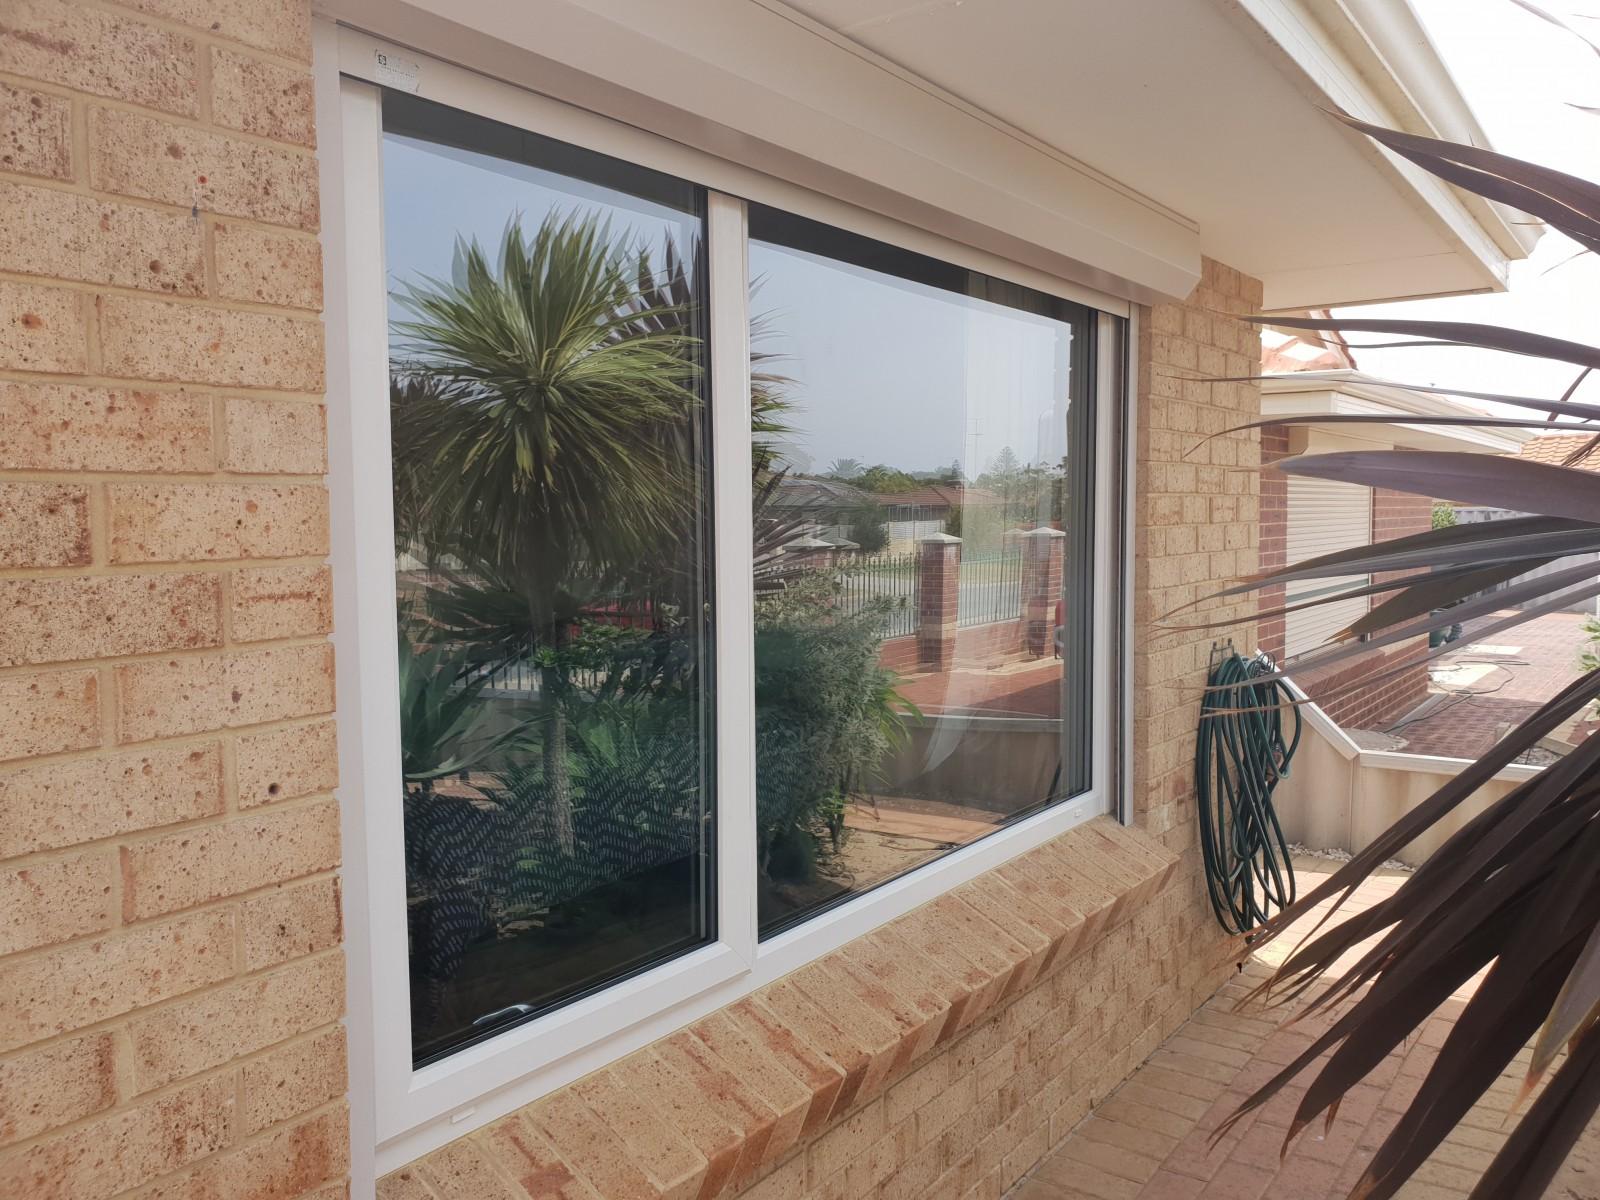 external window glazing